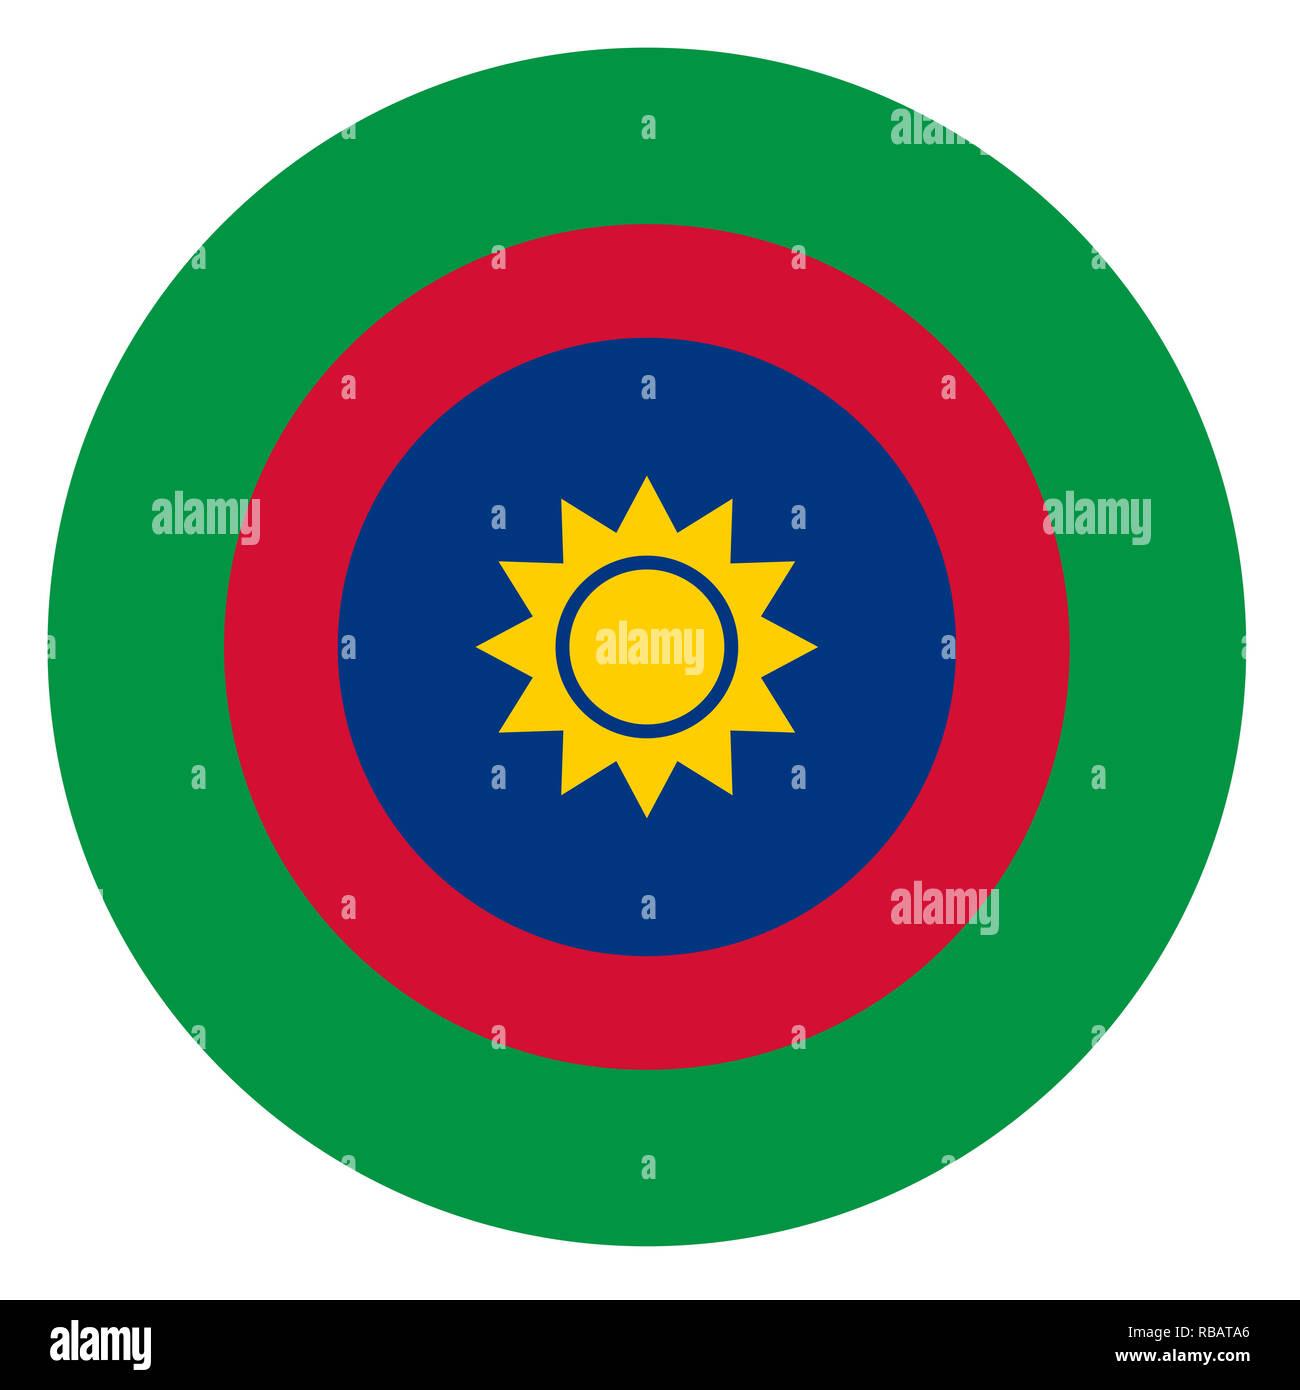 Namibia country roundel flag based round symbol - Stock Image